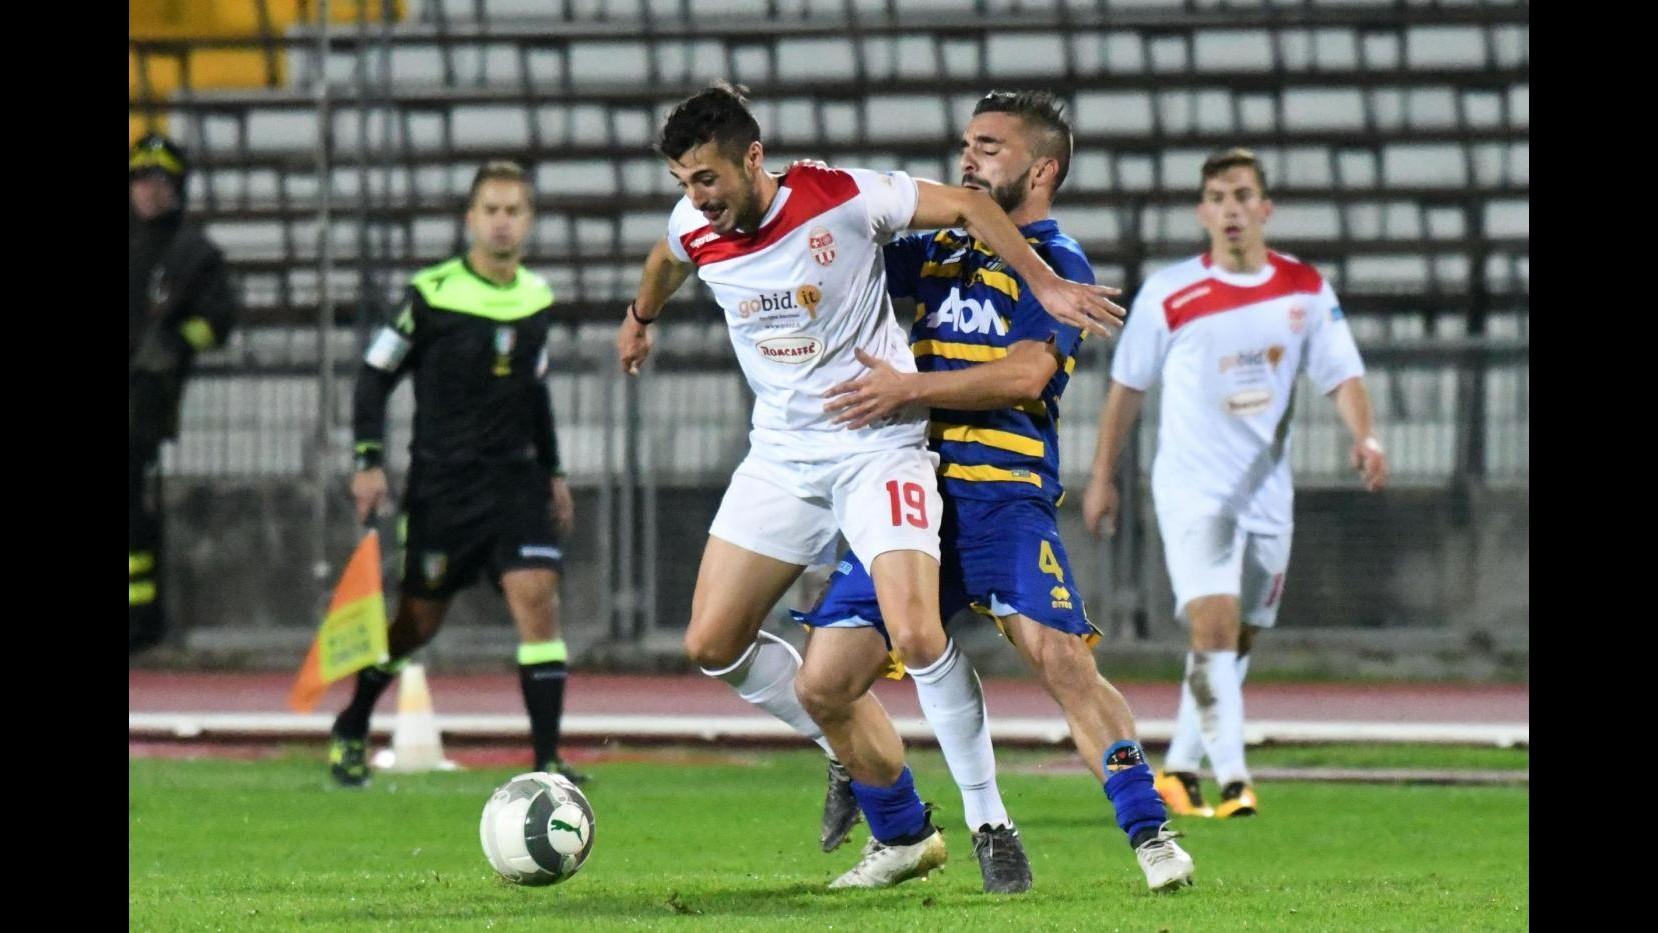 FOTO LegaPro, 0-0 incolore tra Maceratese e Parma